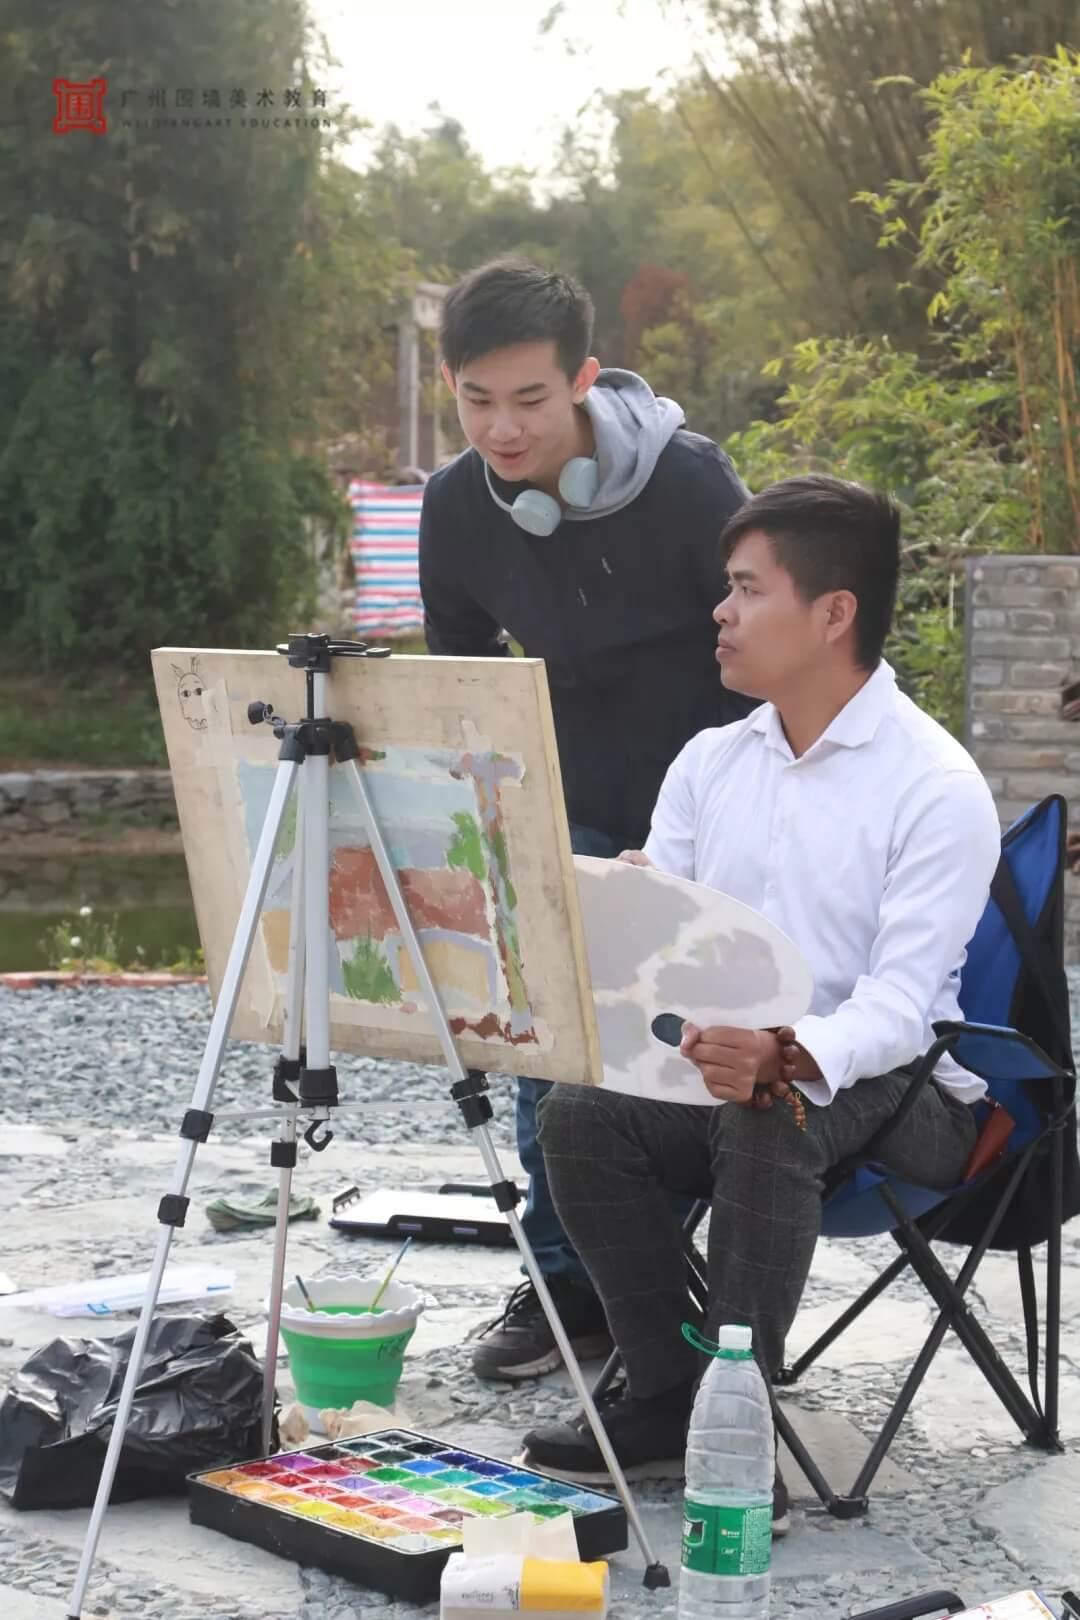 广州围墙画室,围墙画室,广州围墙美术培训,10